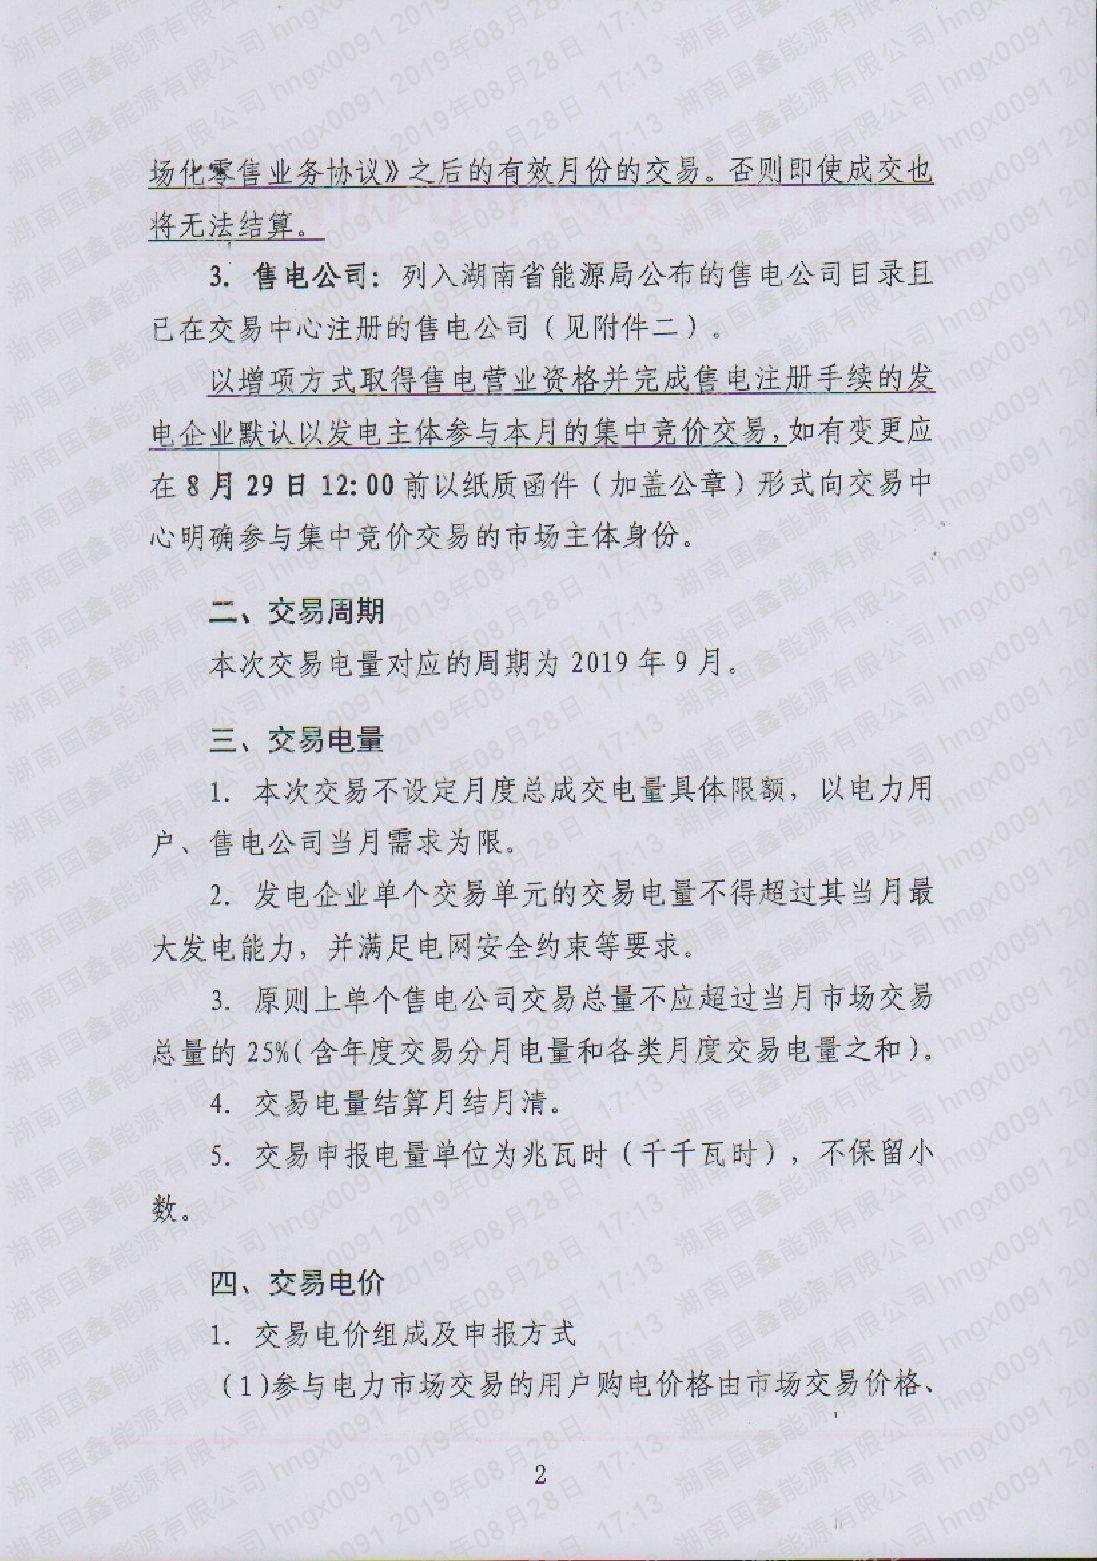 2019年第20號交易公告(9月月度交易).pdf_page_2_compressed.jpg